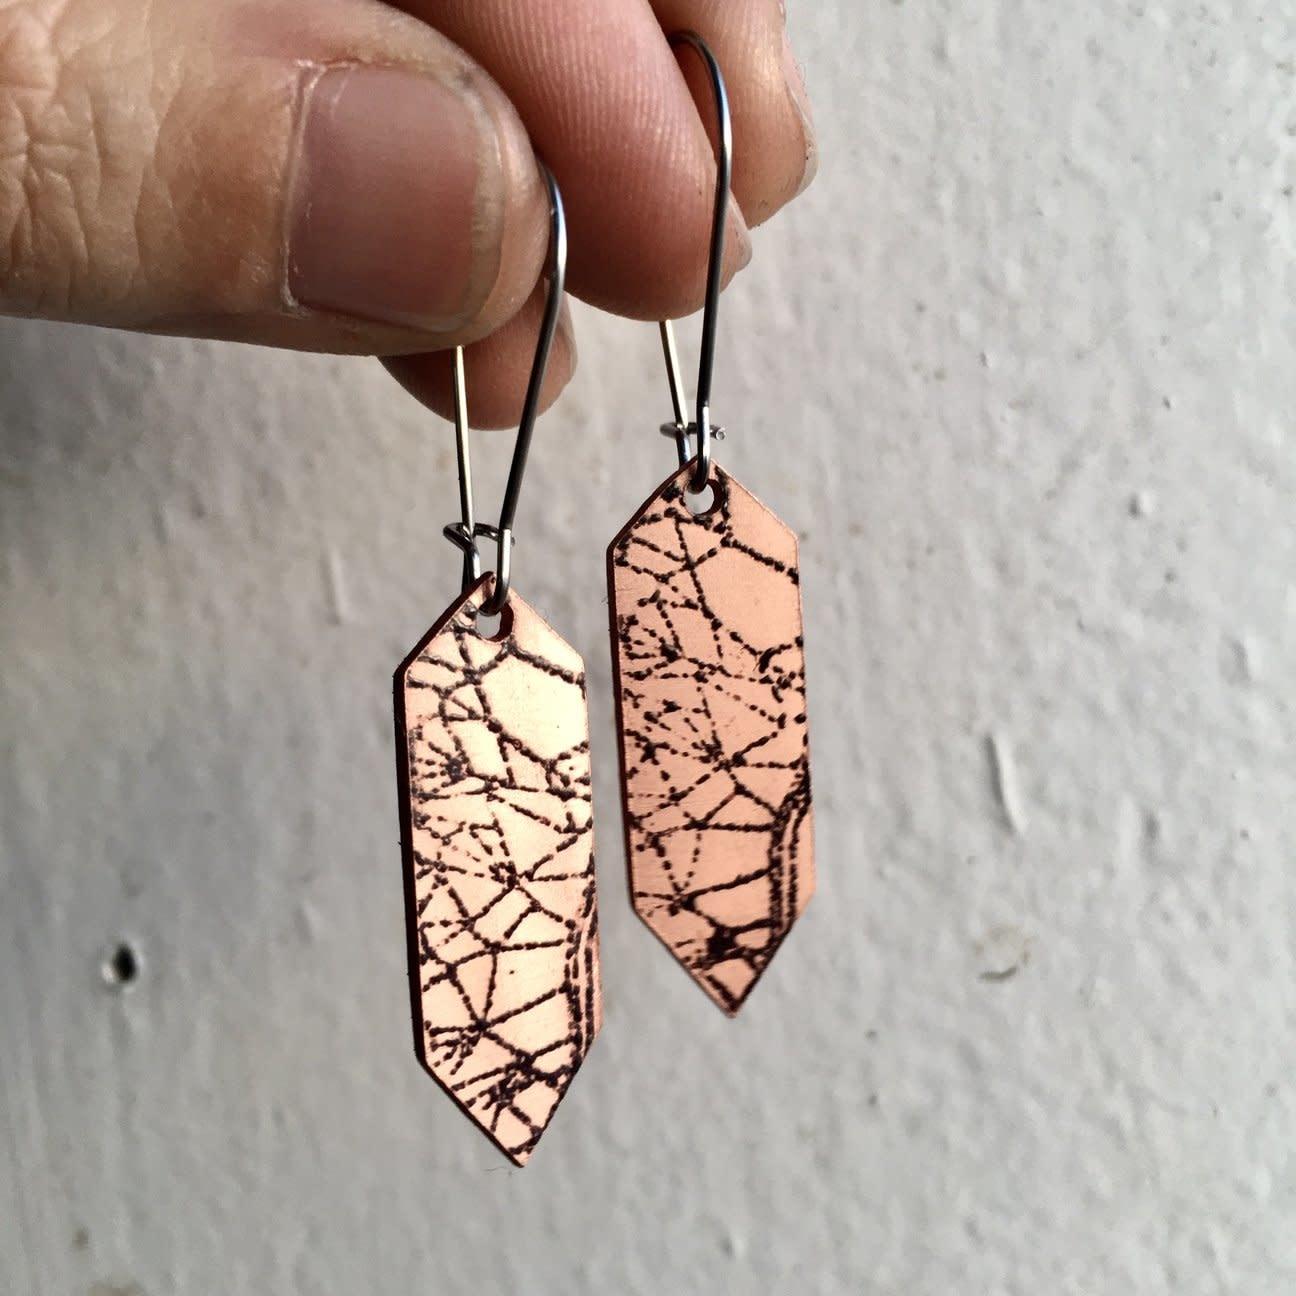 Aflame Creations Crystal Earrings Geode Black